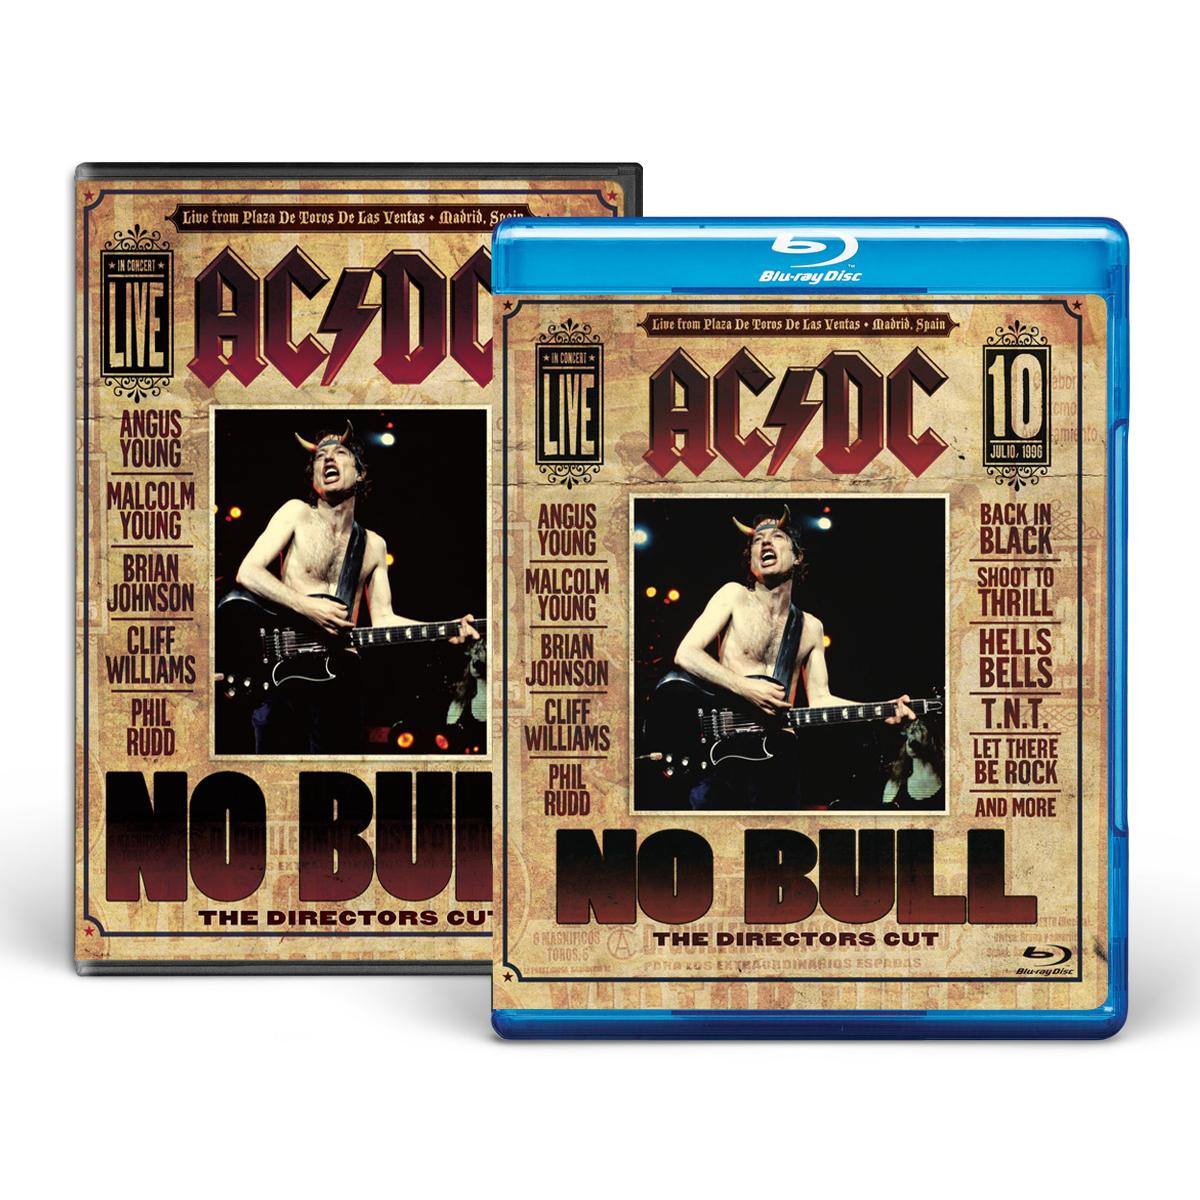 AC/DC No Bull DVD or BluRay